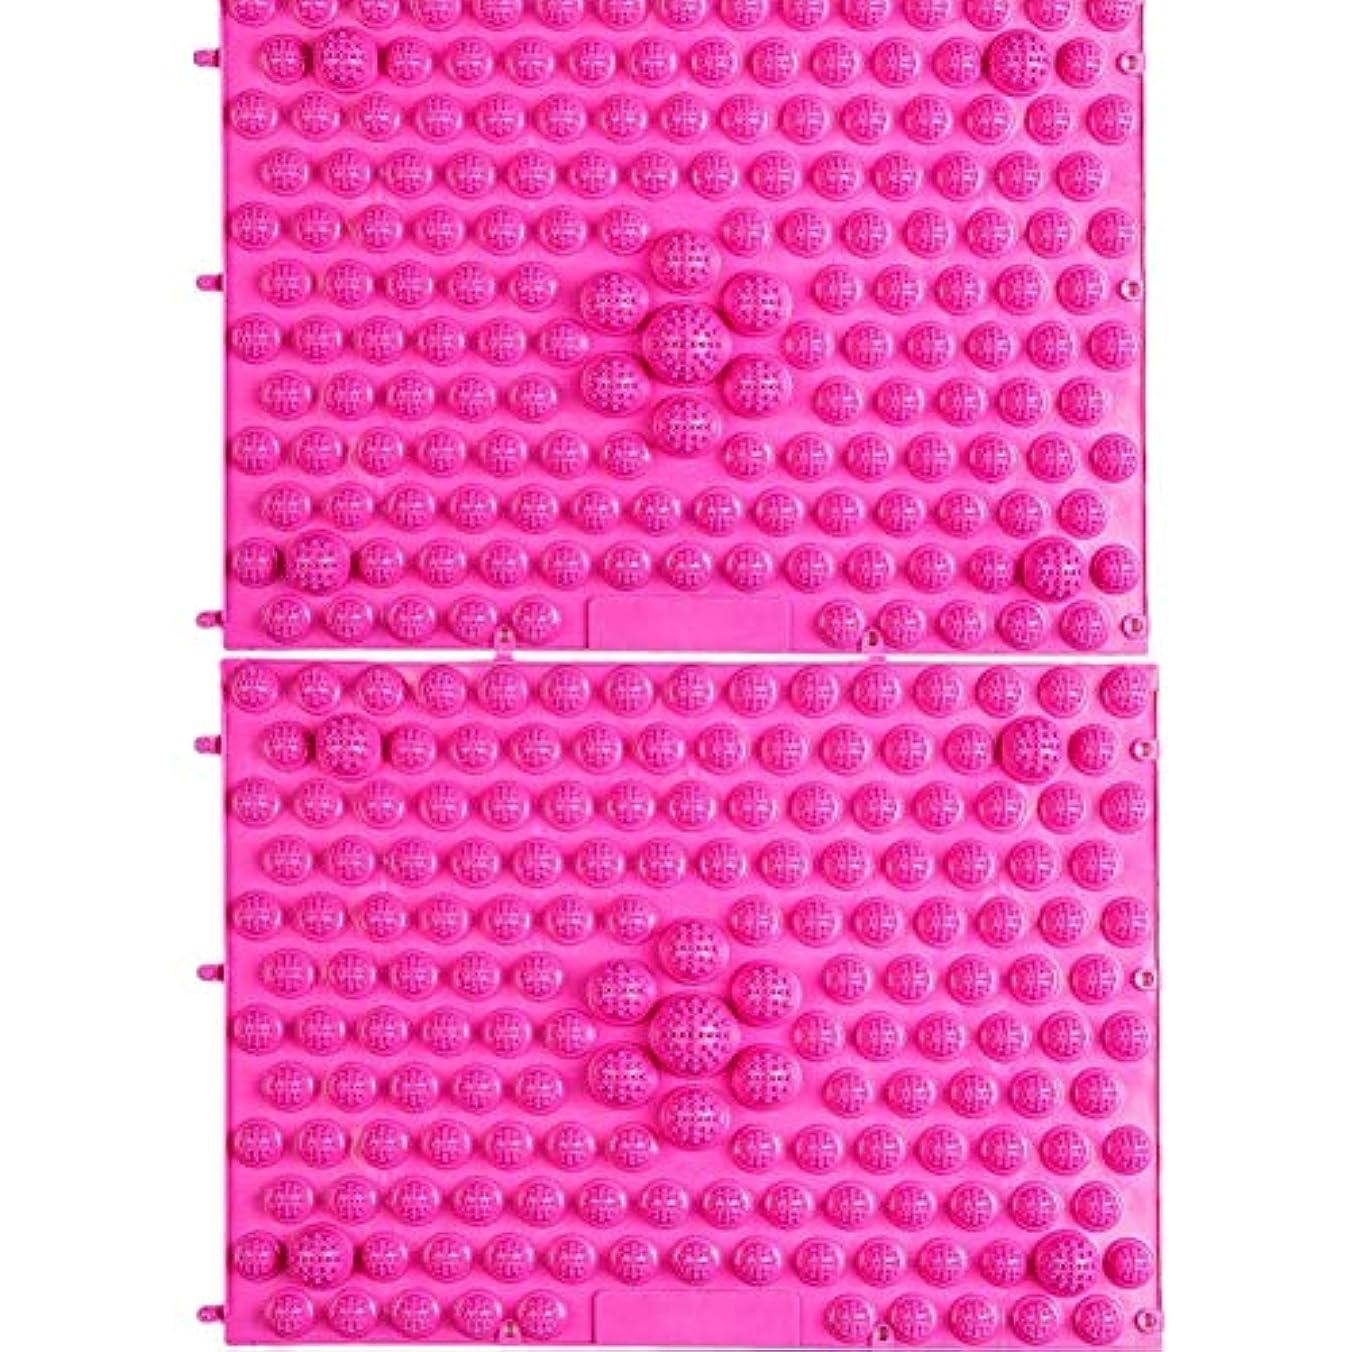 娘慢性的突撃wompolle マッサージ?ツボ押しグッズ 生活に刺激と健康を!足つぼキャニオンマット マッサージ屋さんの健康マット ドラゴンマット 足踏み 足ツボ 2枚組 (Pink)